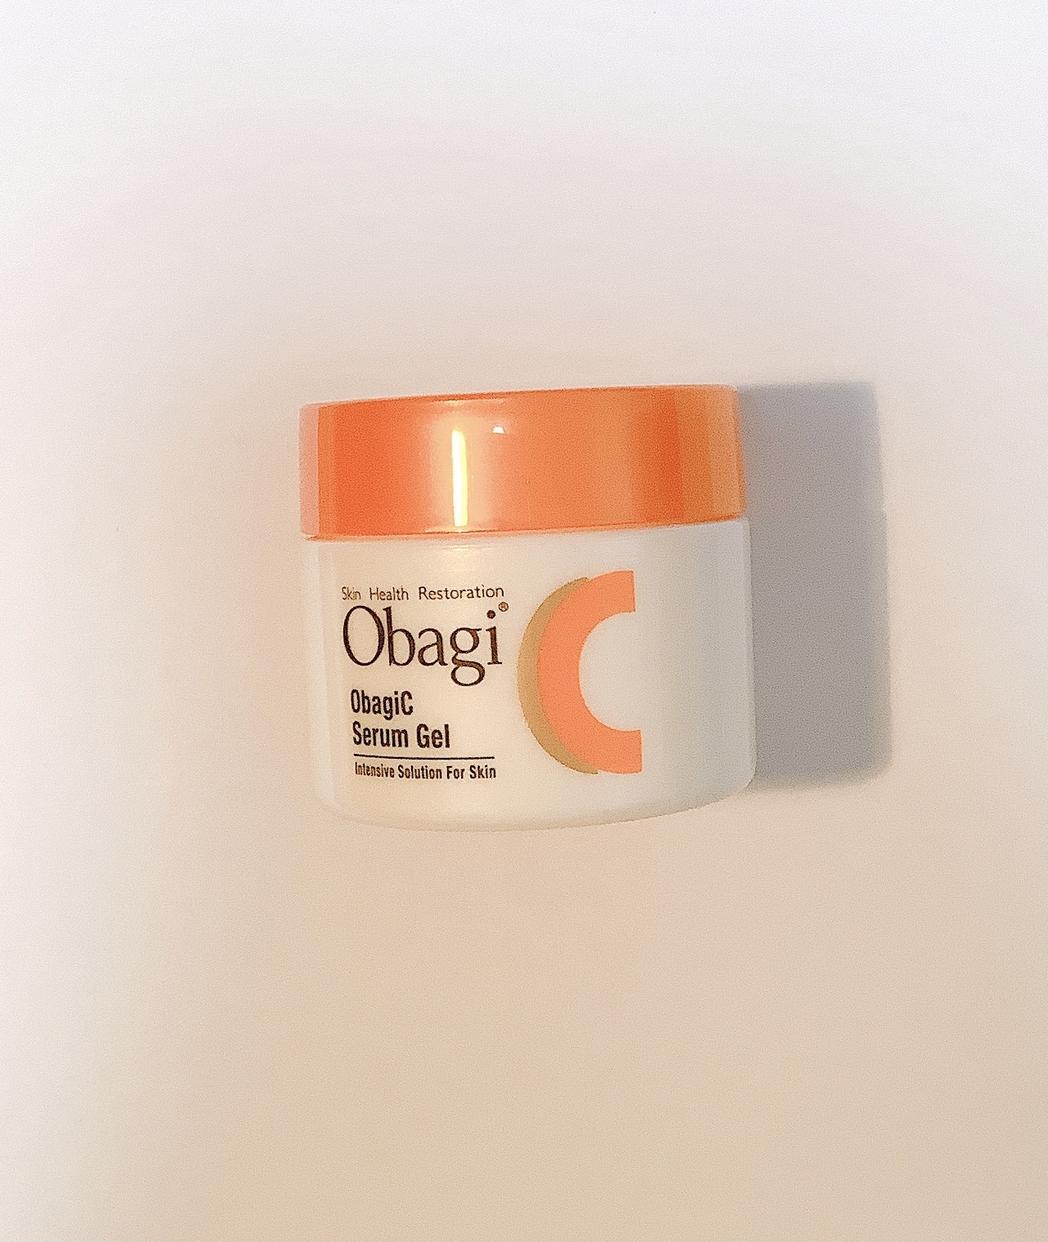 Obagi(オバジ) オバジC セラムゲルを使ったあまやさんのクチコミ画像1